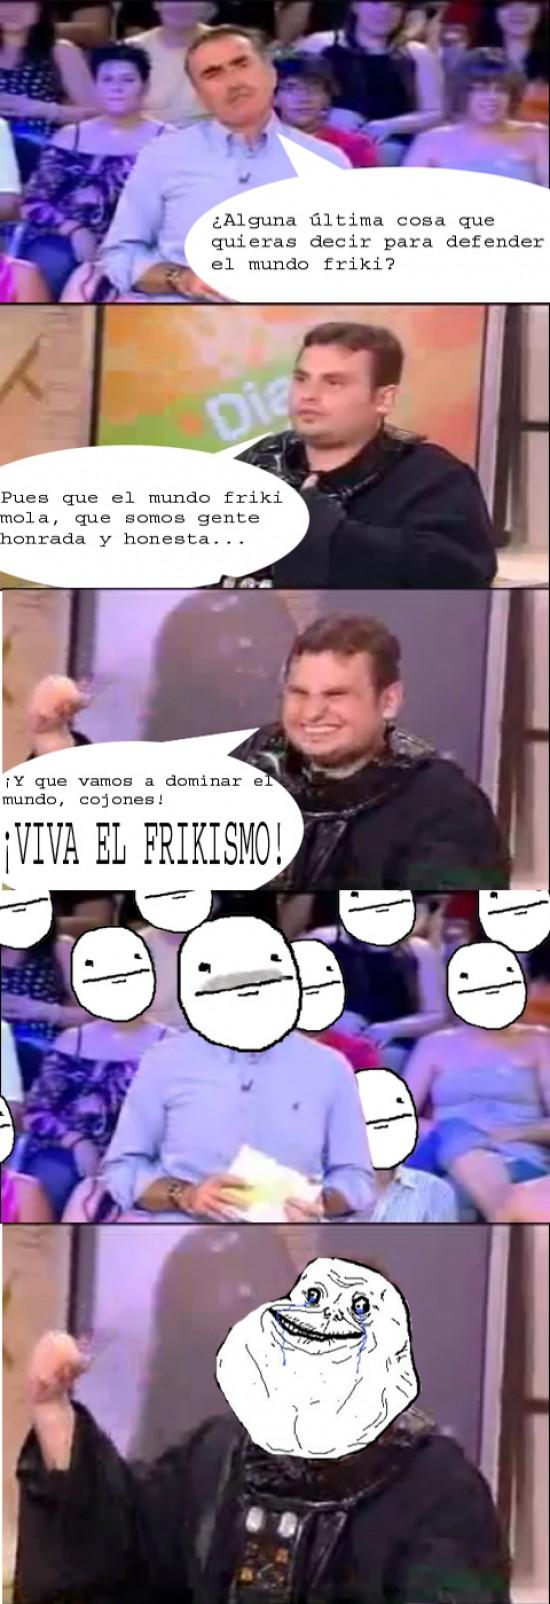 Forever_alone - Viva el frikismo